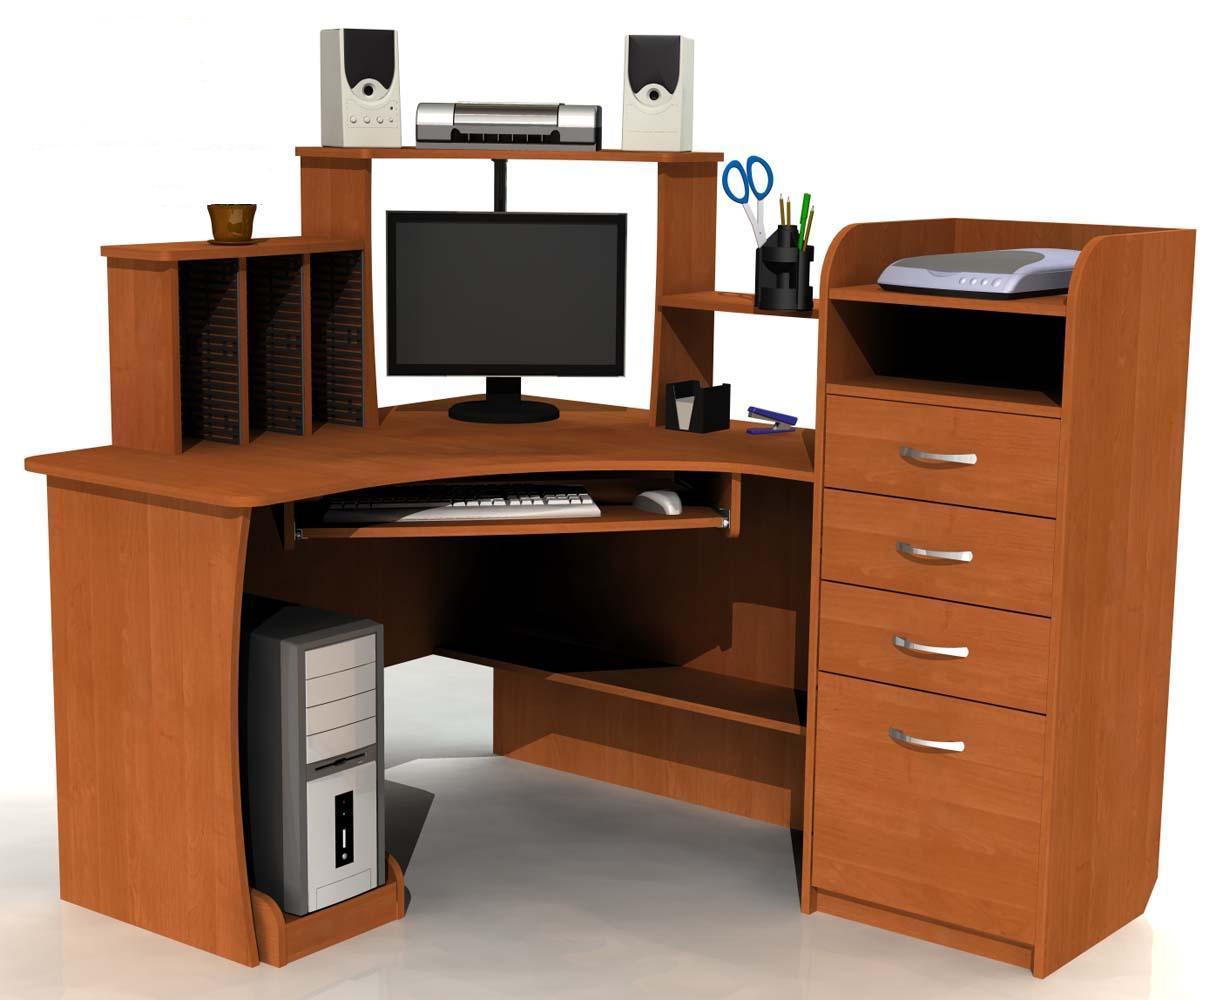 Угловой компьютерный стол с высокой тумбами